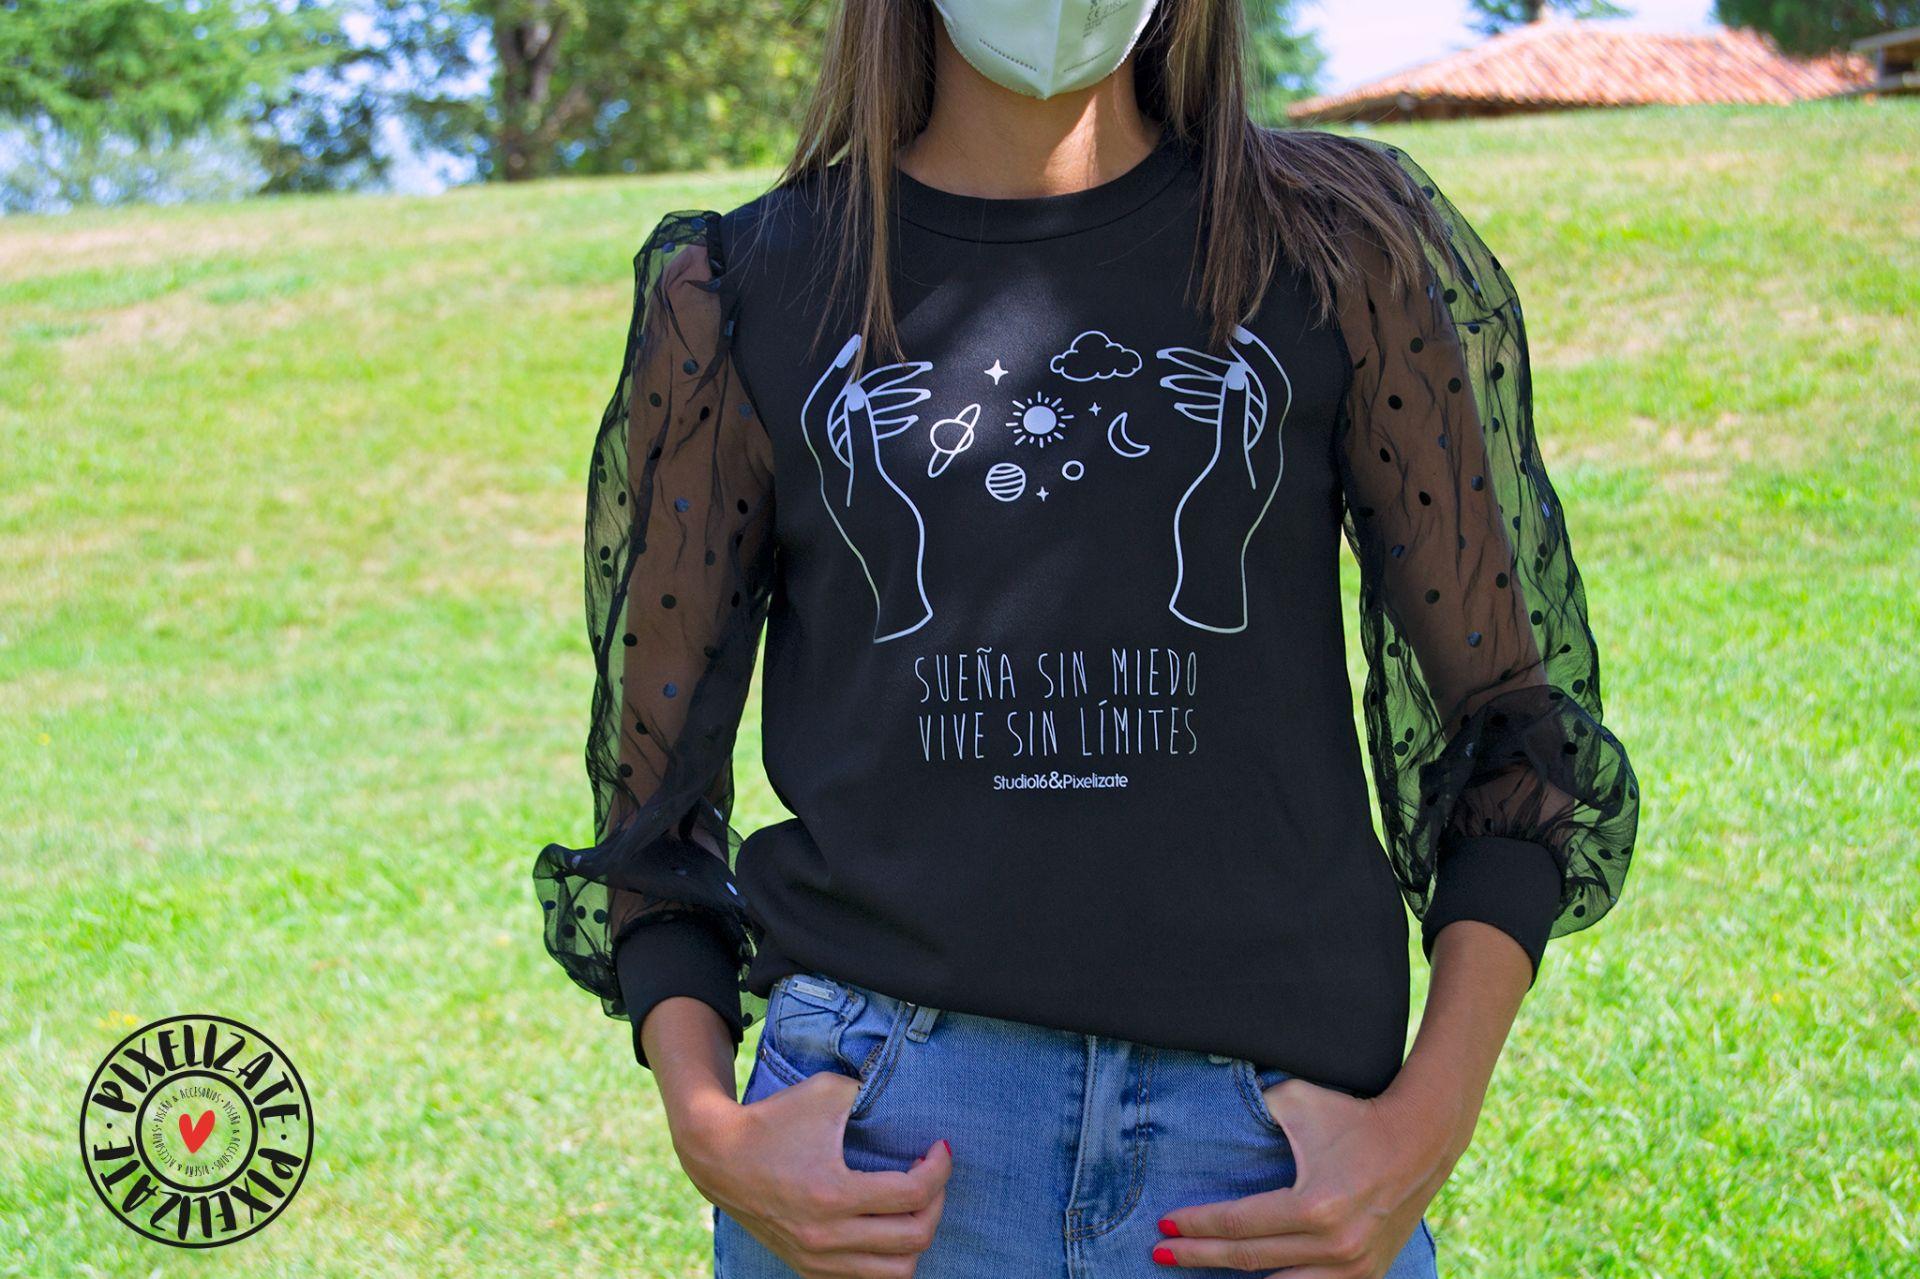 Camiseta Sueña Sin Miedo - PixelizatexStudio16